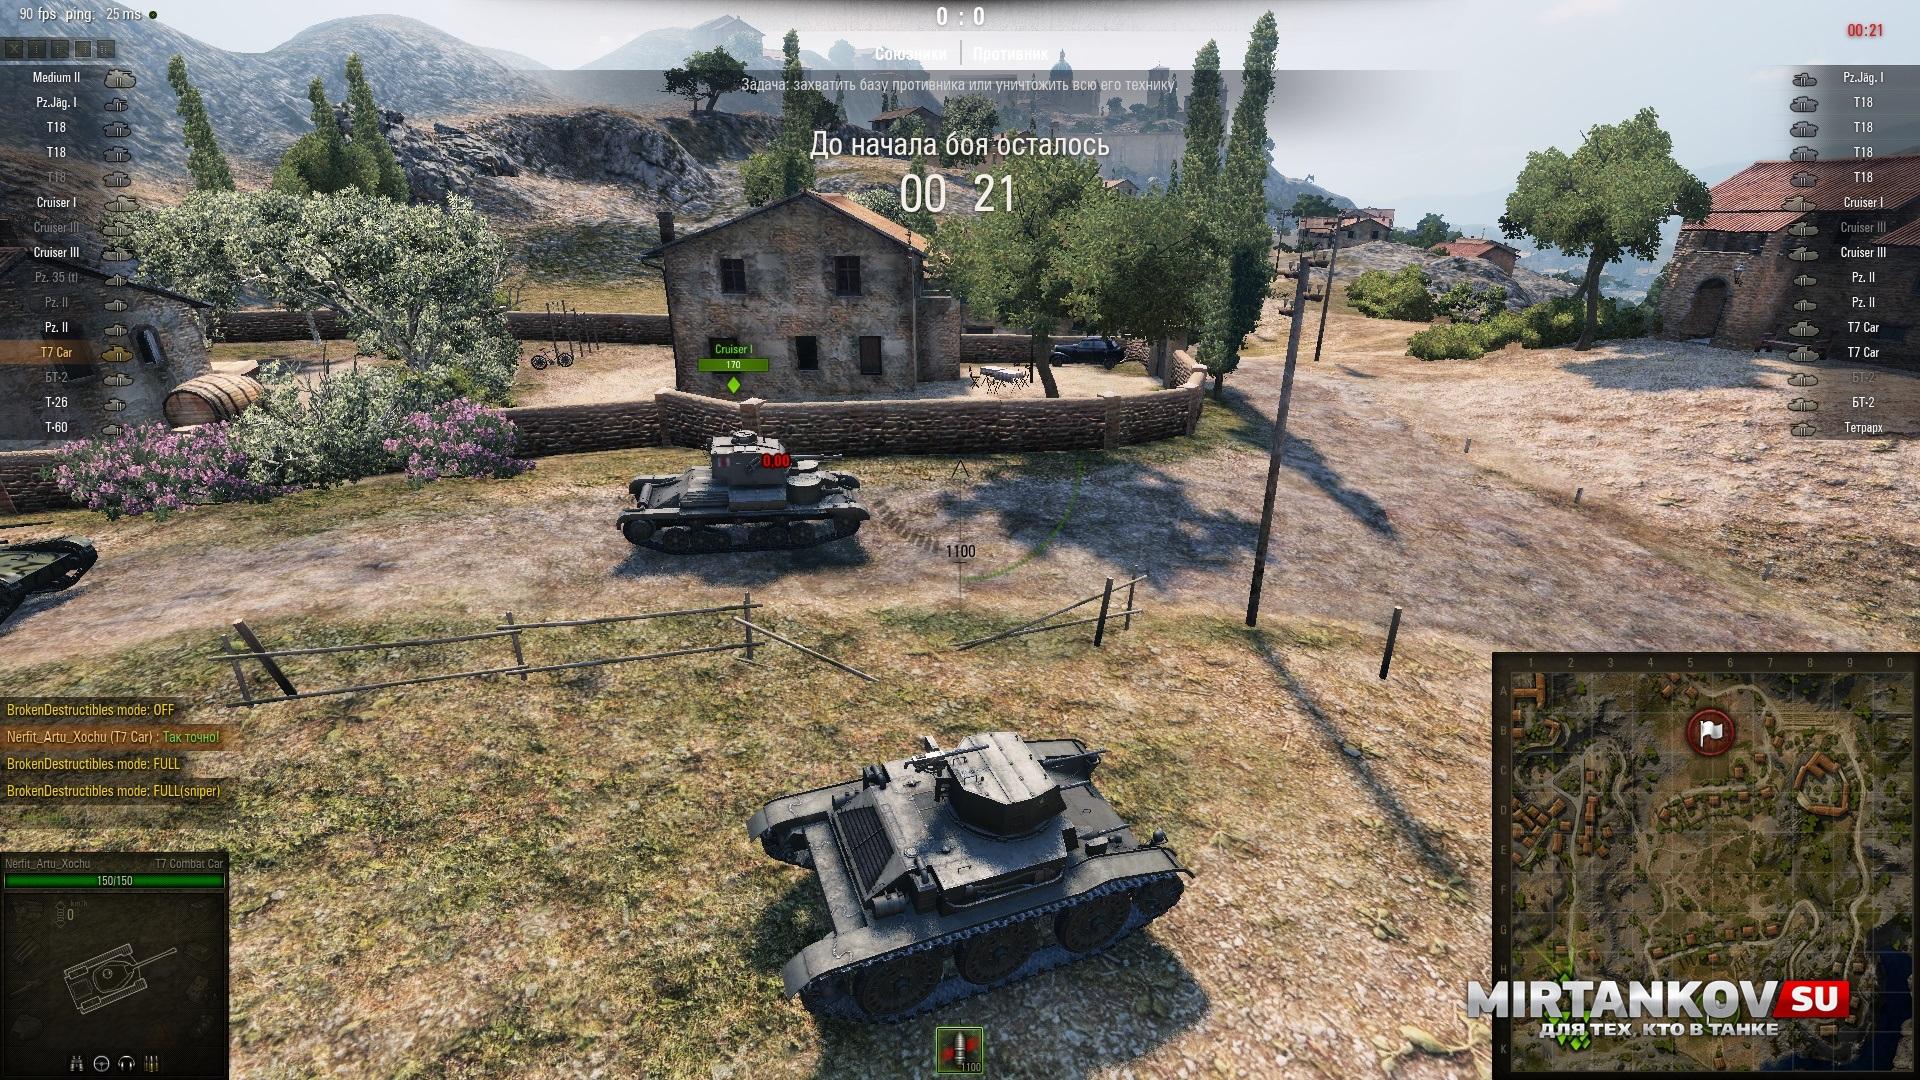 Запрещенные моды world of tanks: список и наказания.